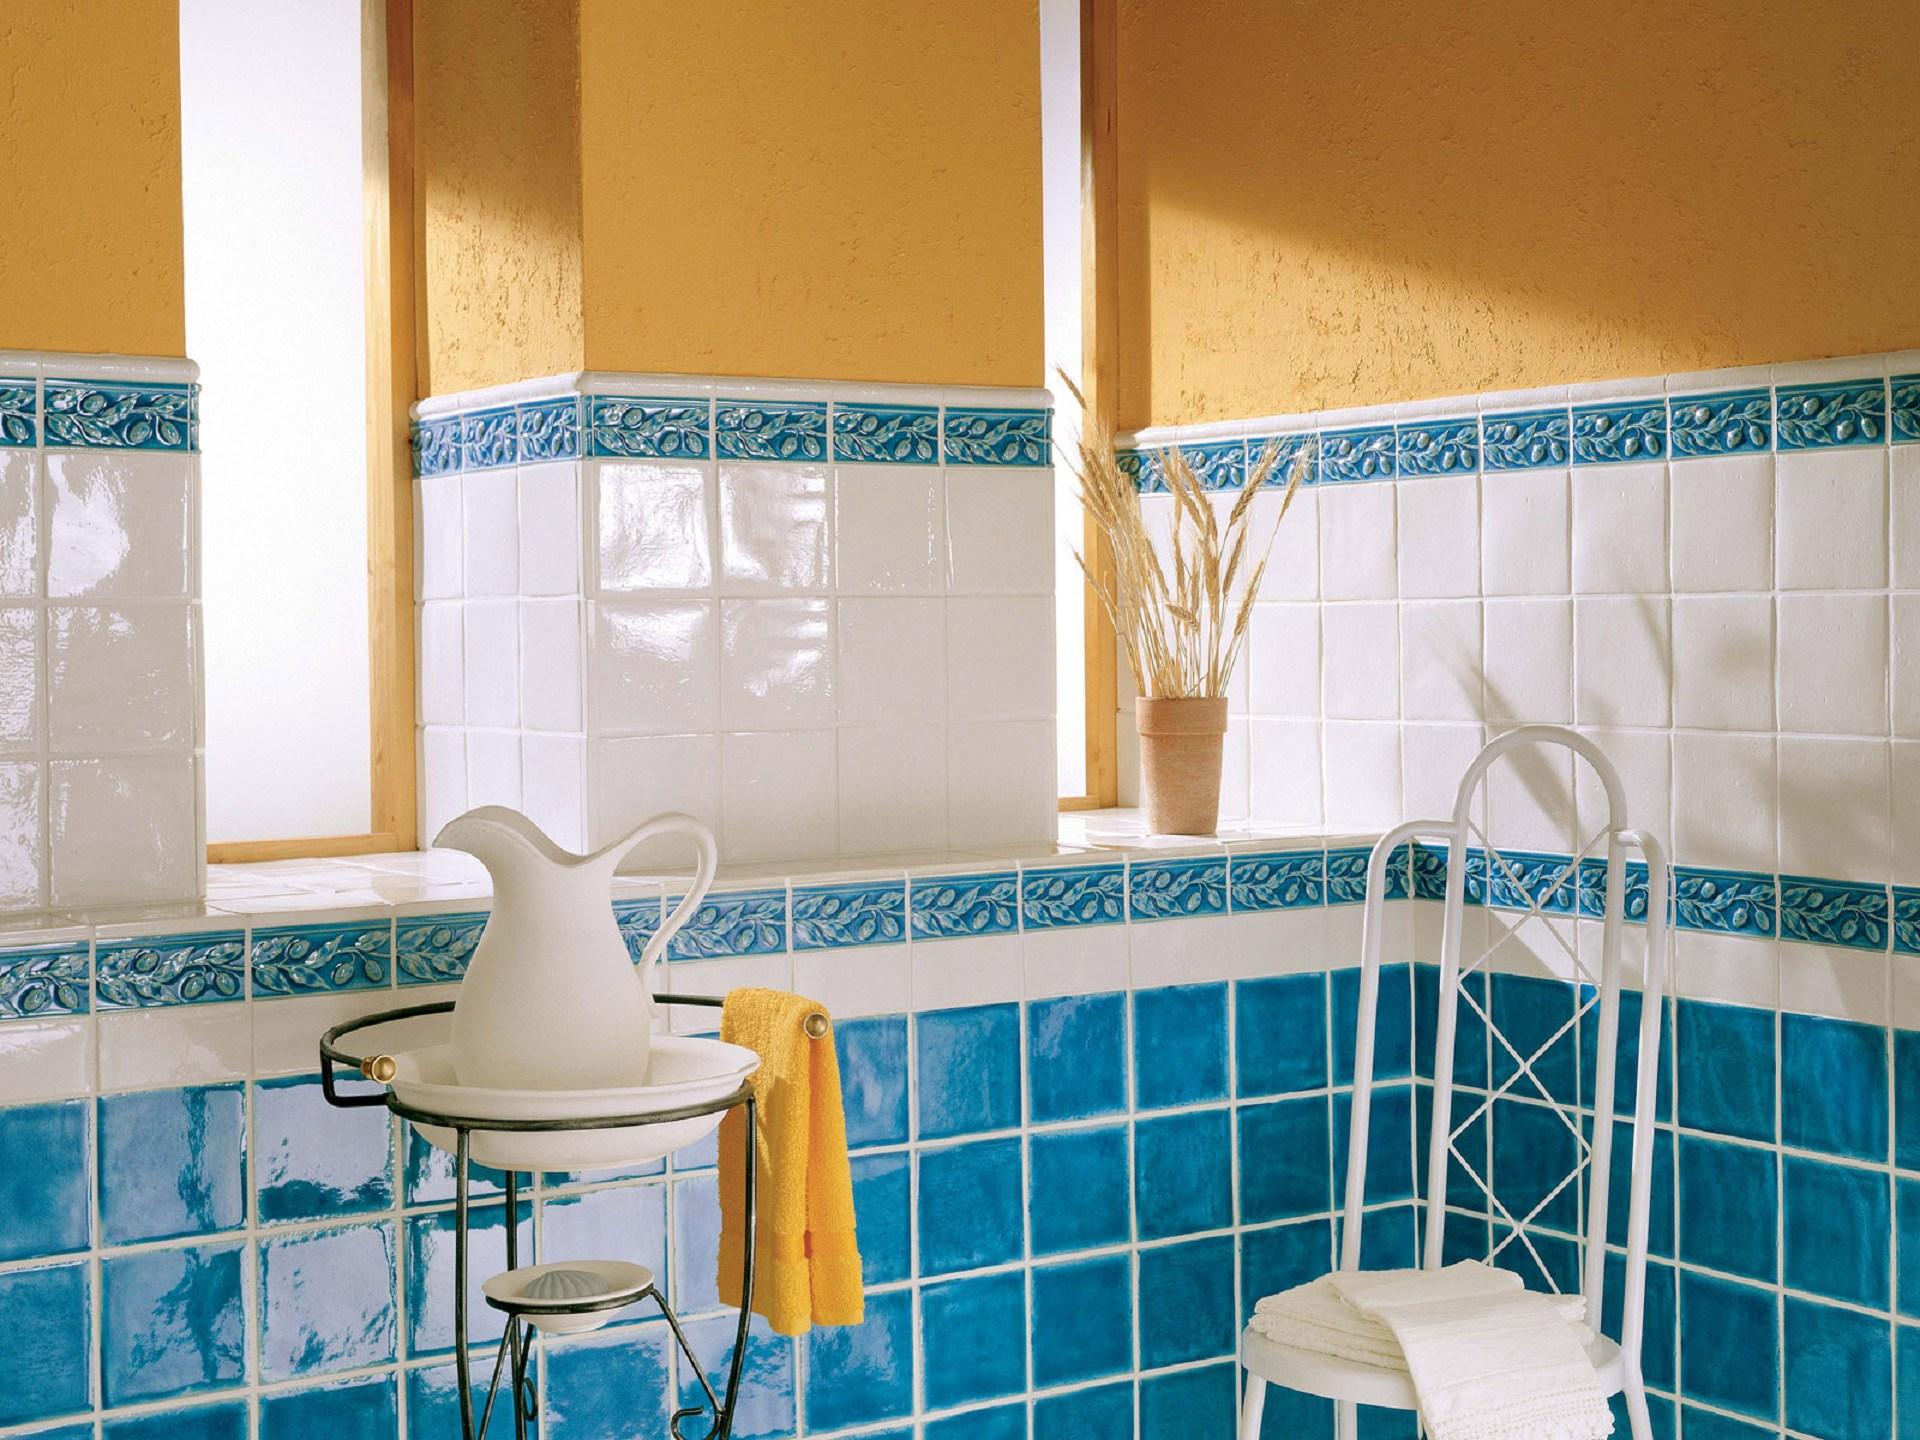 Глазурованная синяя плитка